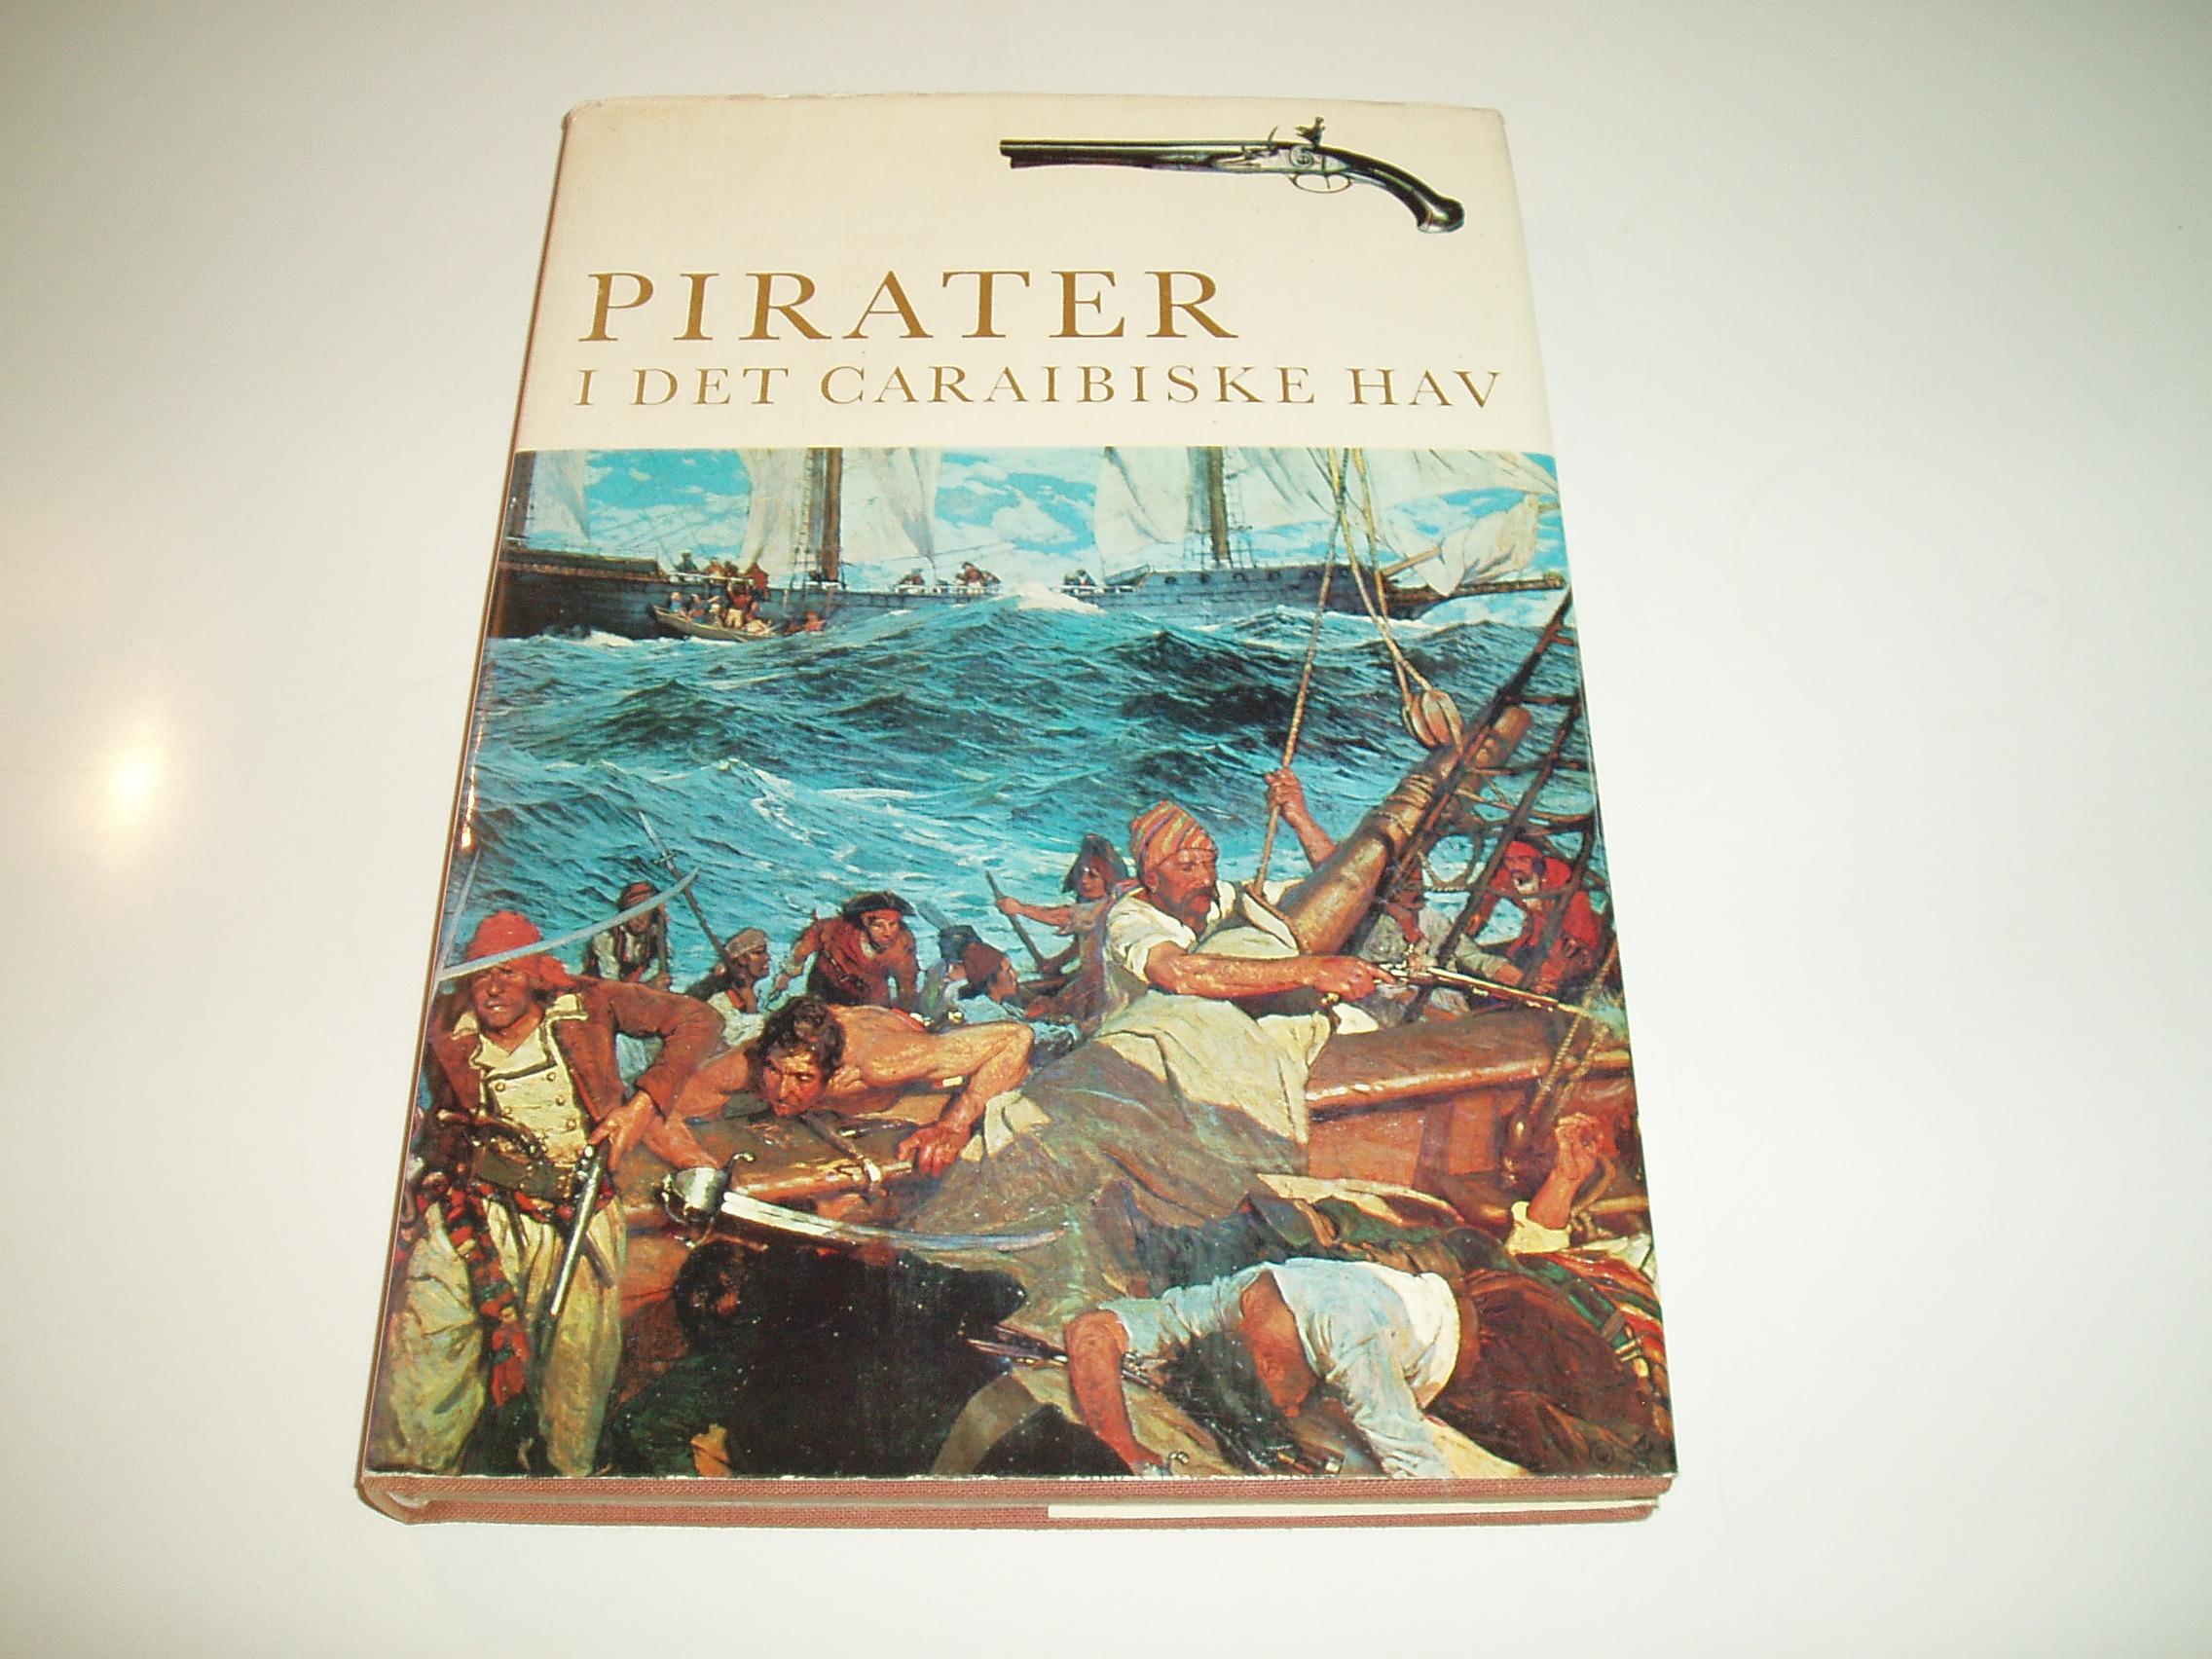 Pirater i det Caraibiske hav